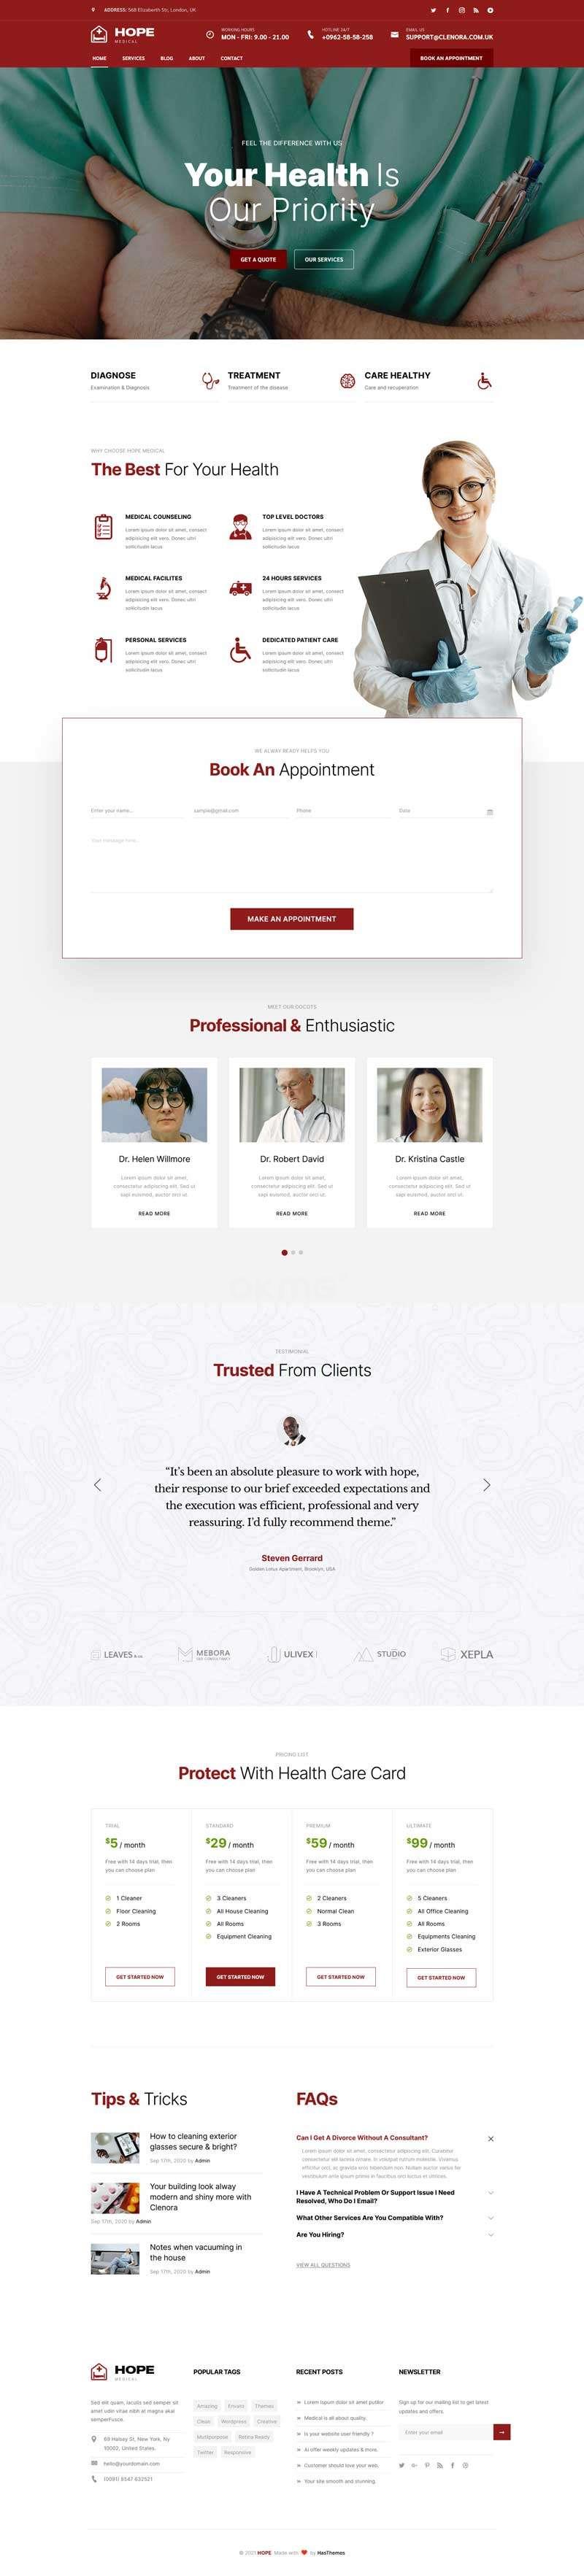 牙科医疗服务网站HTML5模板